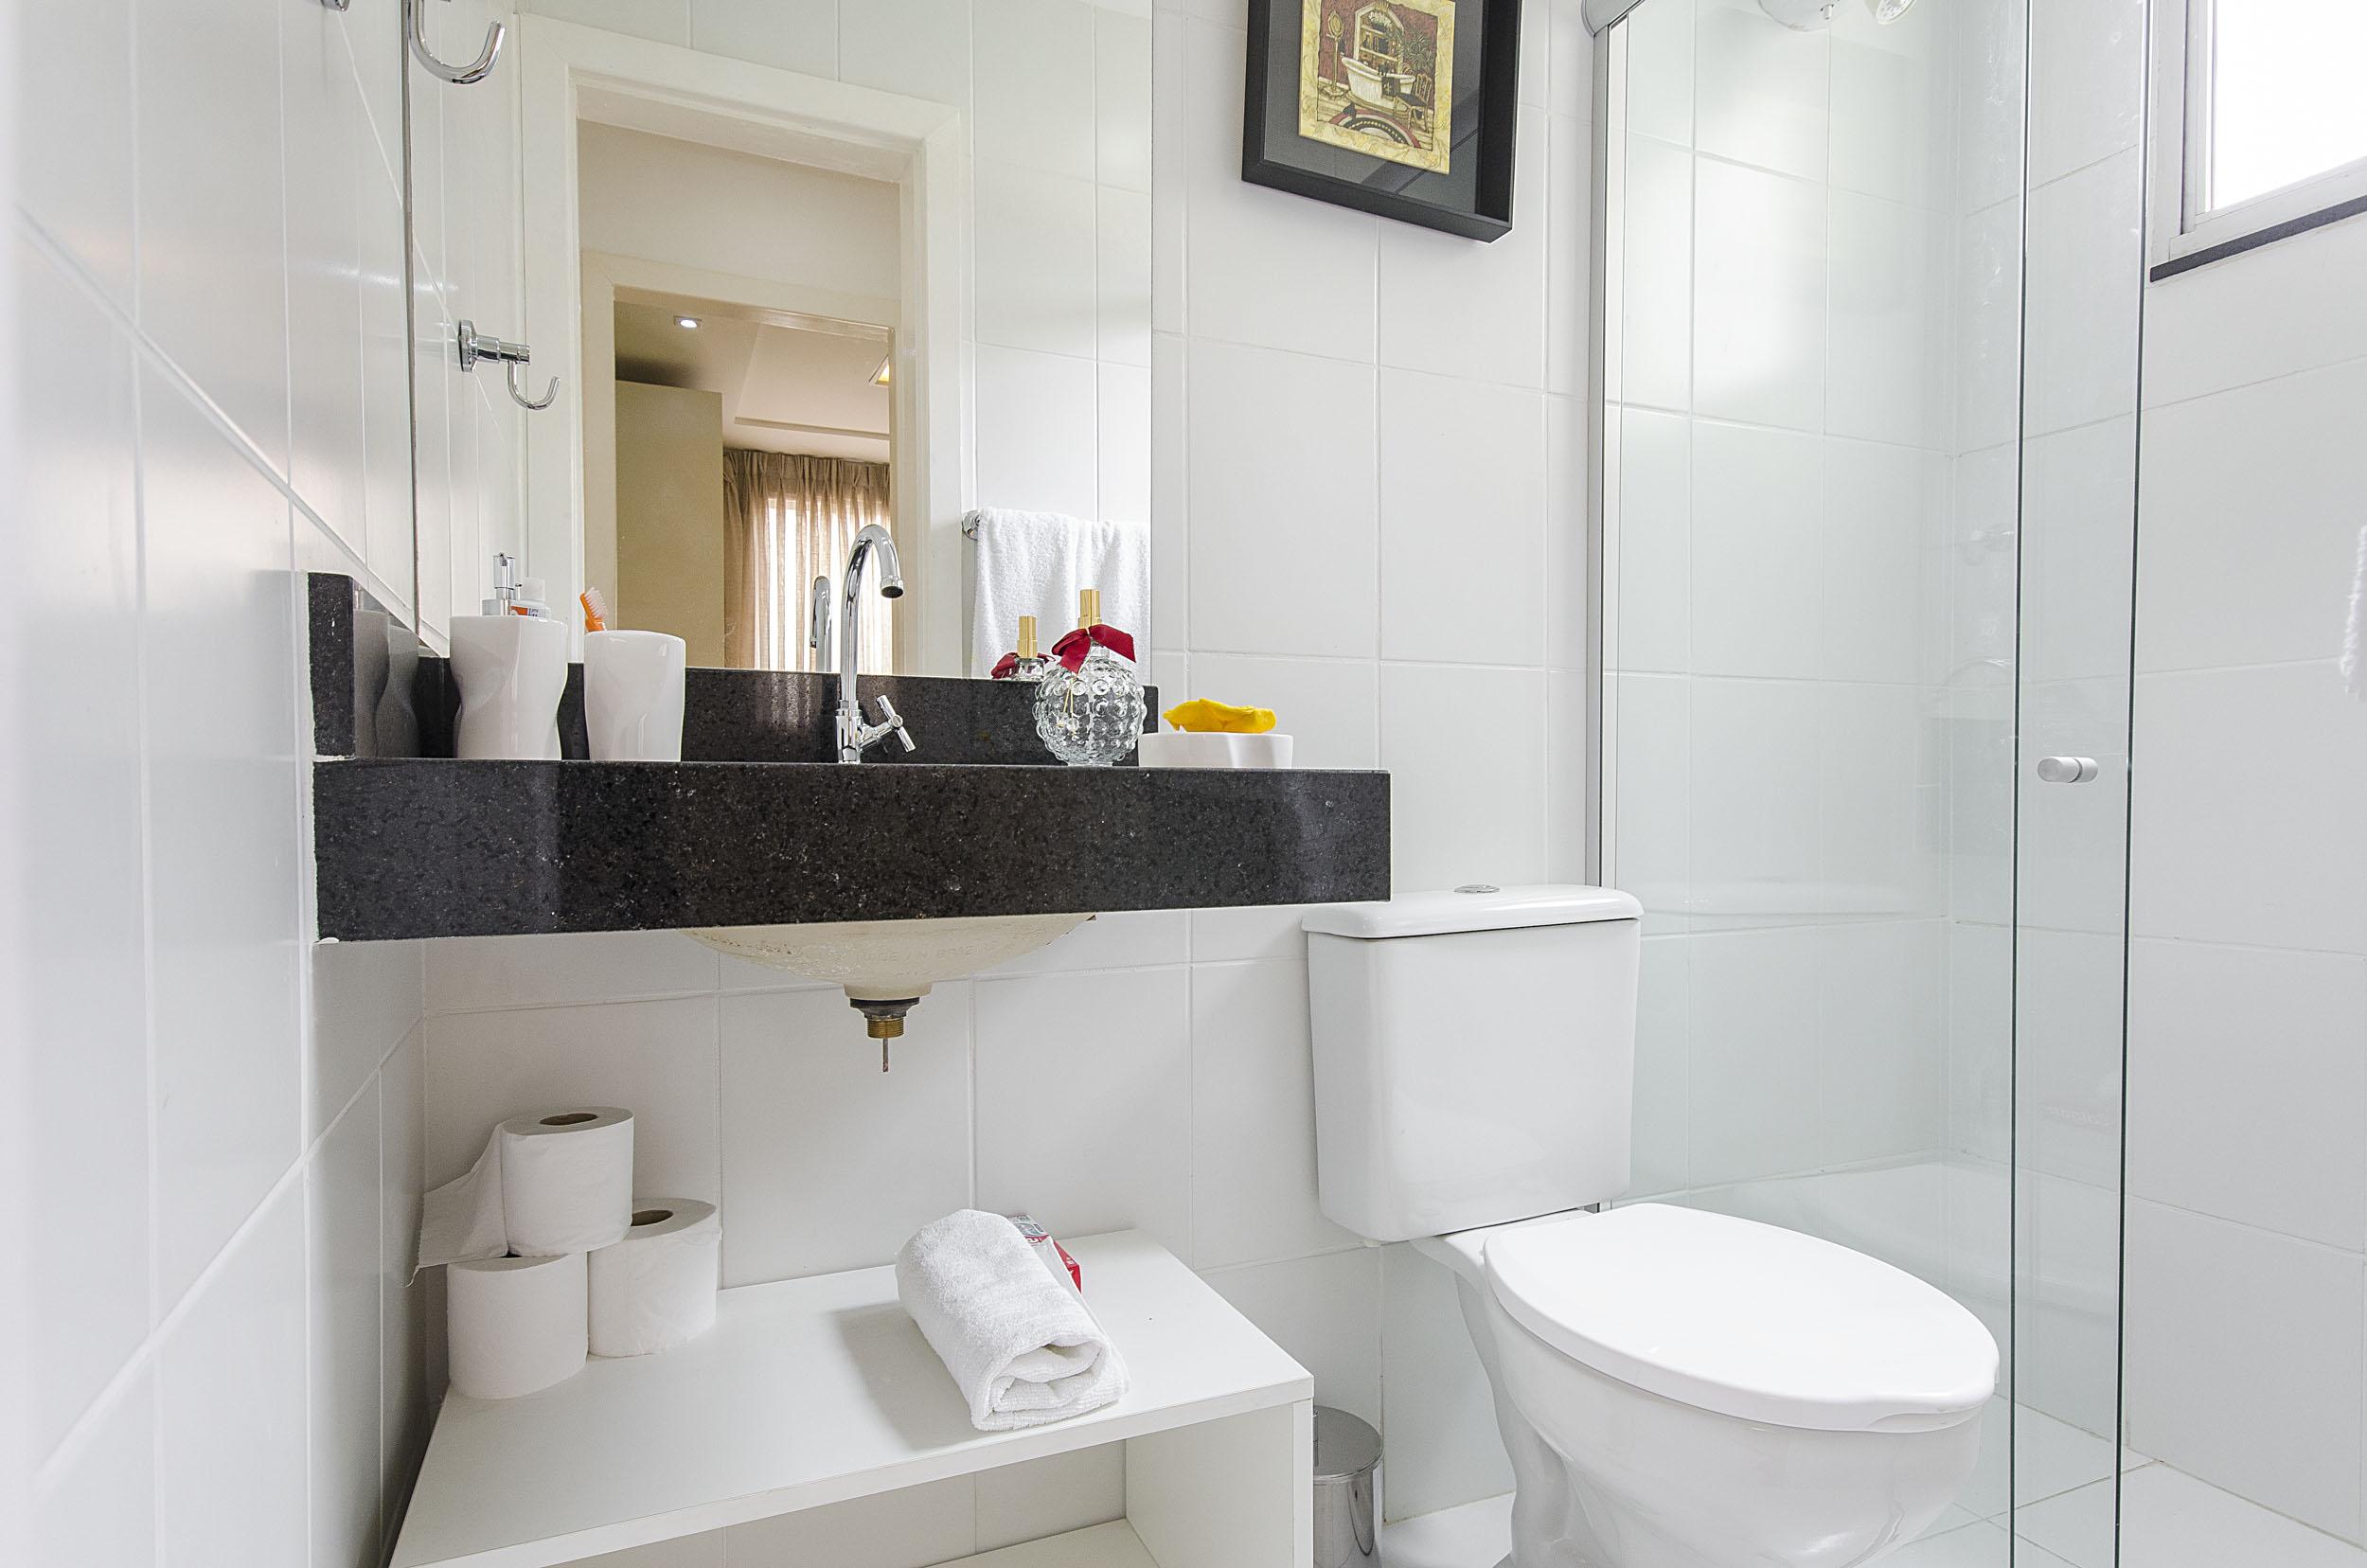 4 dicas para manter a organização do banheiro  Blog Corporativo MRV Engenhar -> Organizar Armario De Banheiro